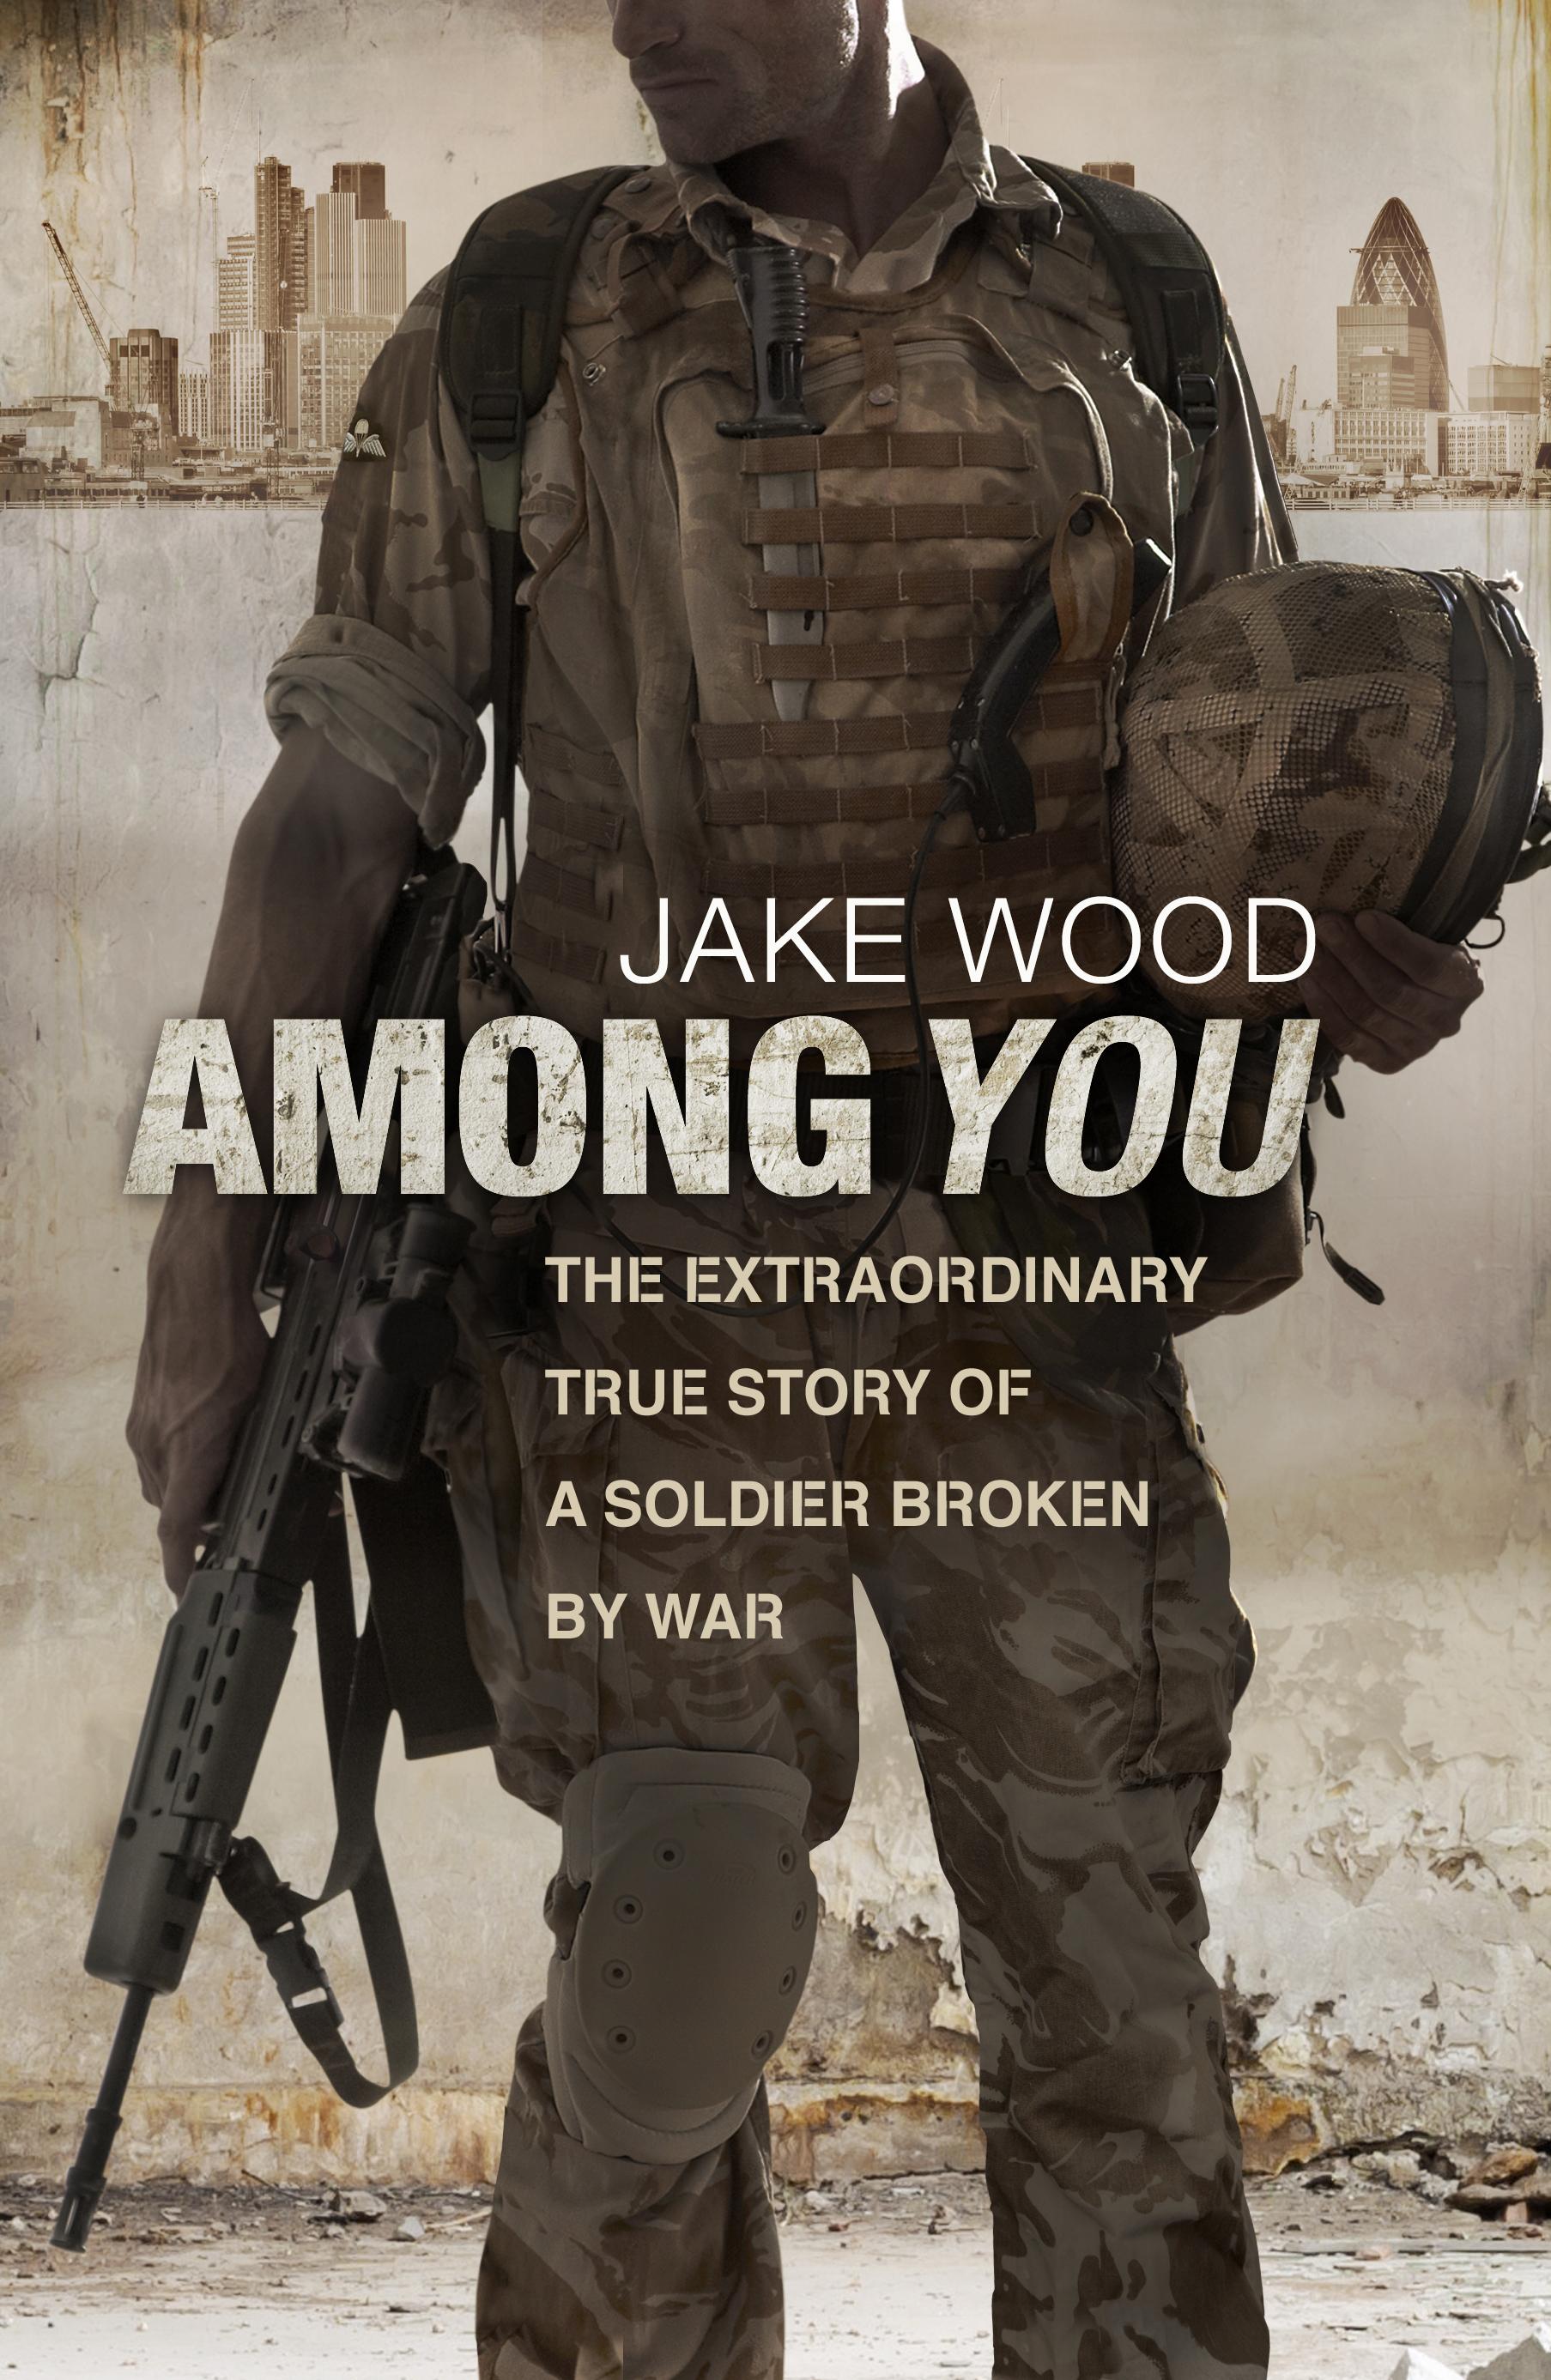 AMONG YOU by Jake Wood